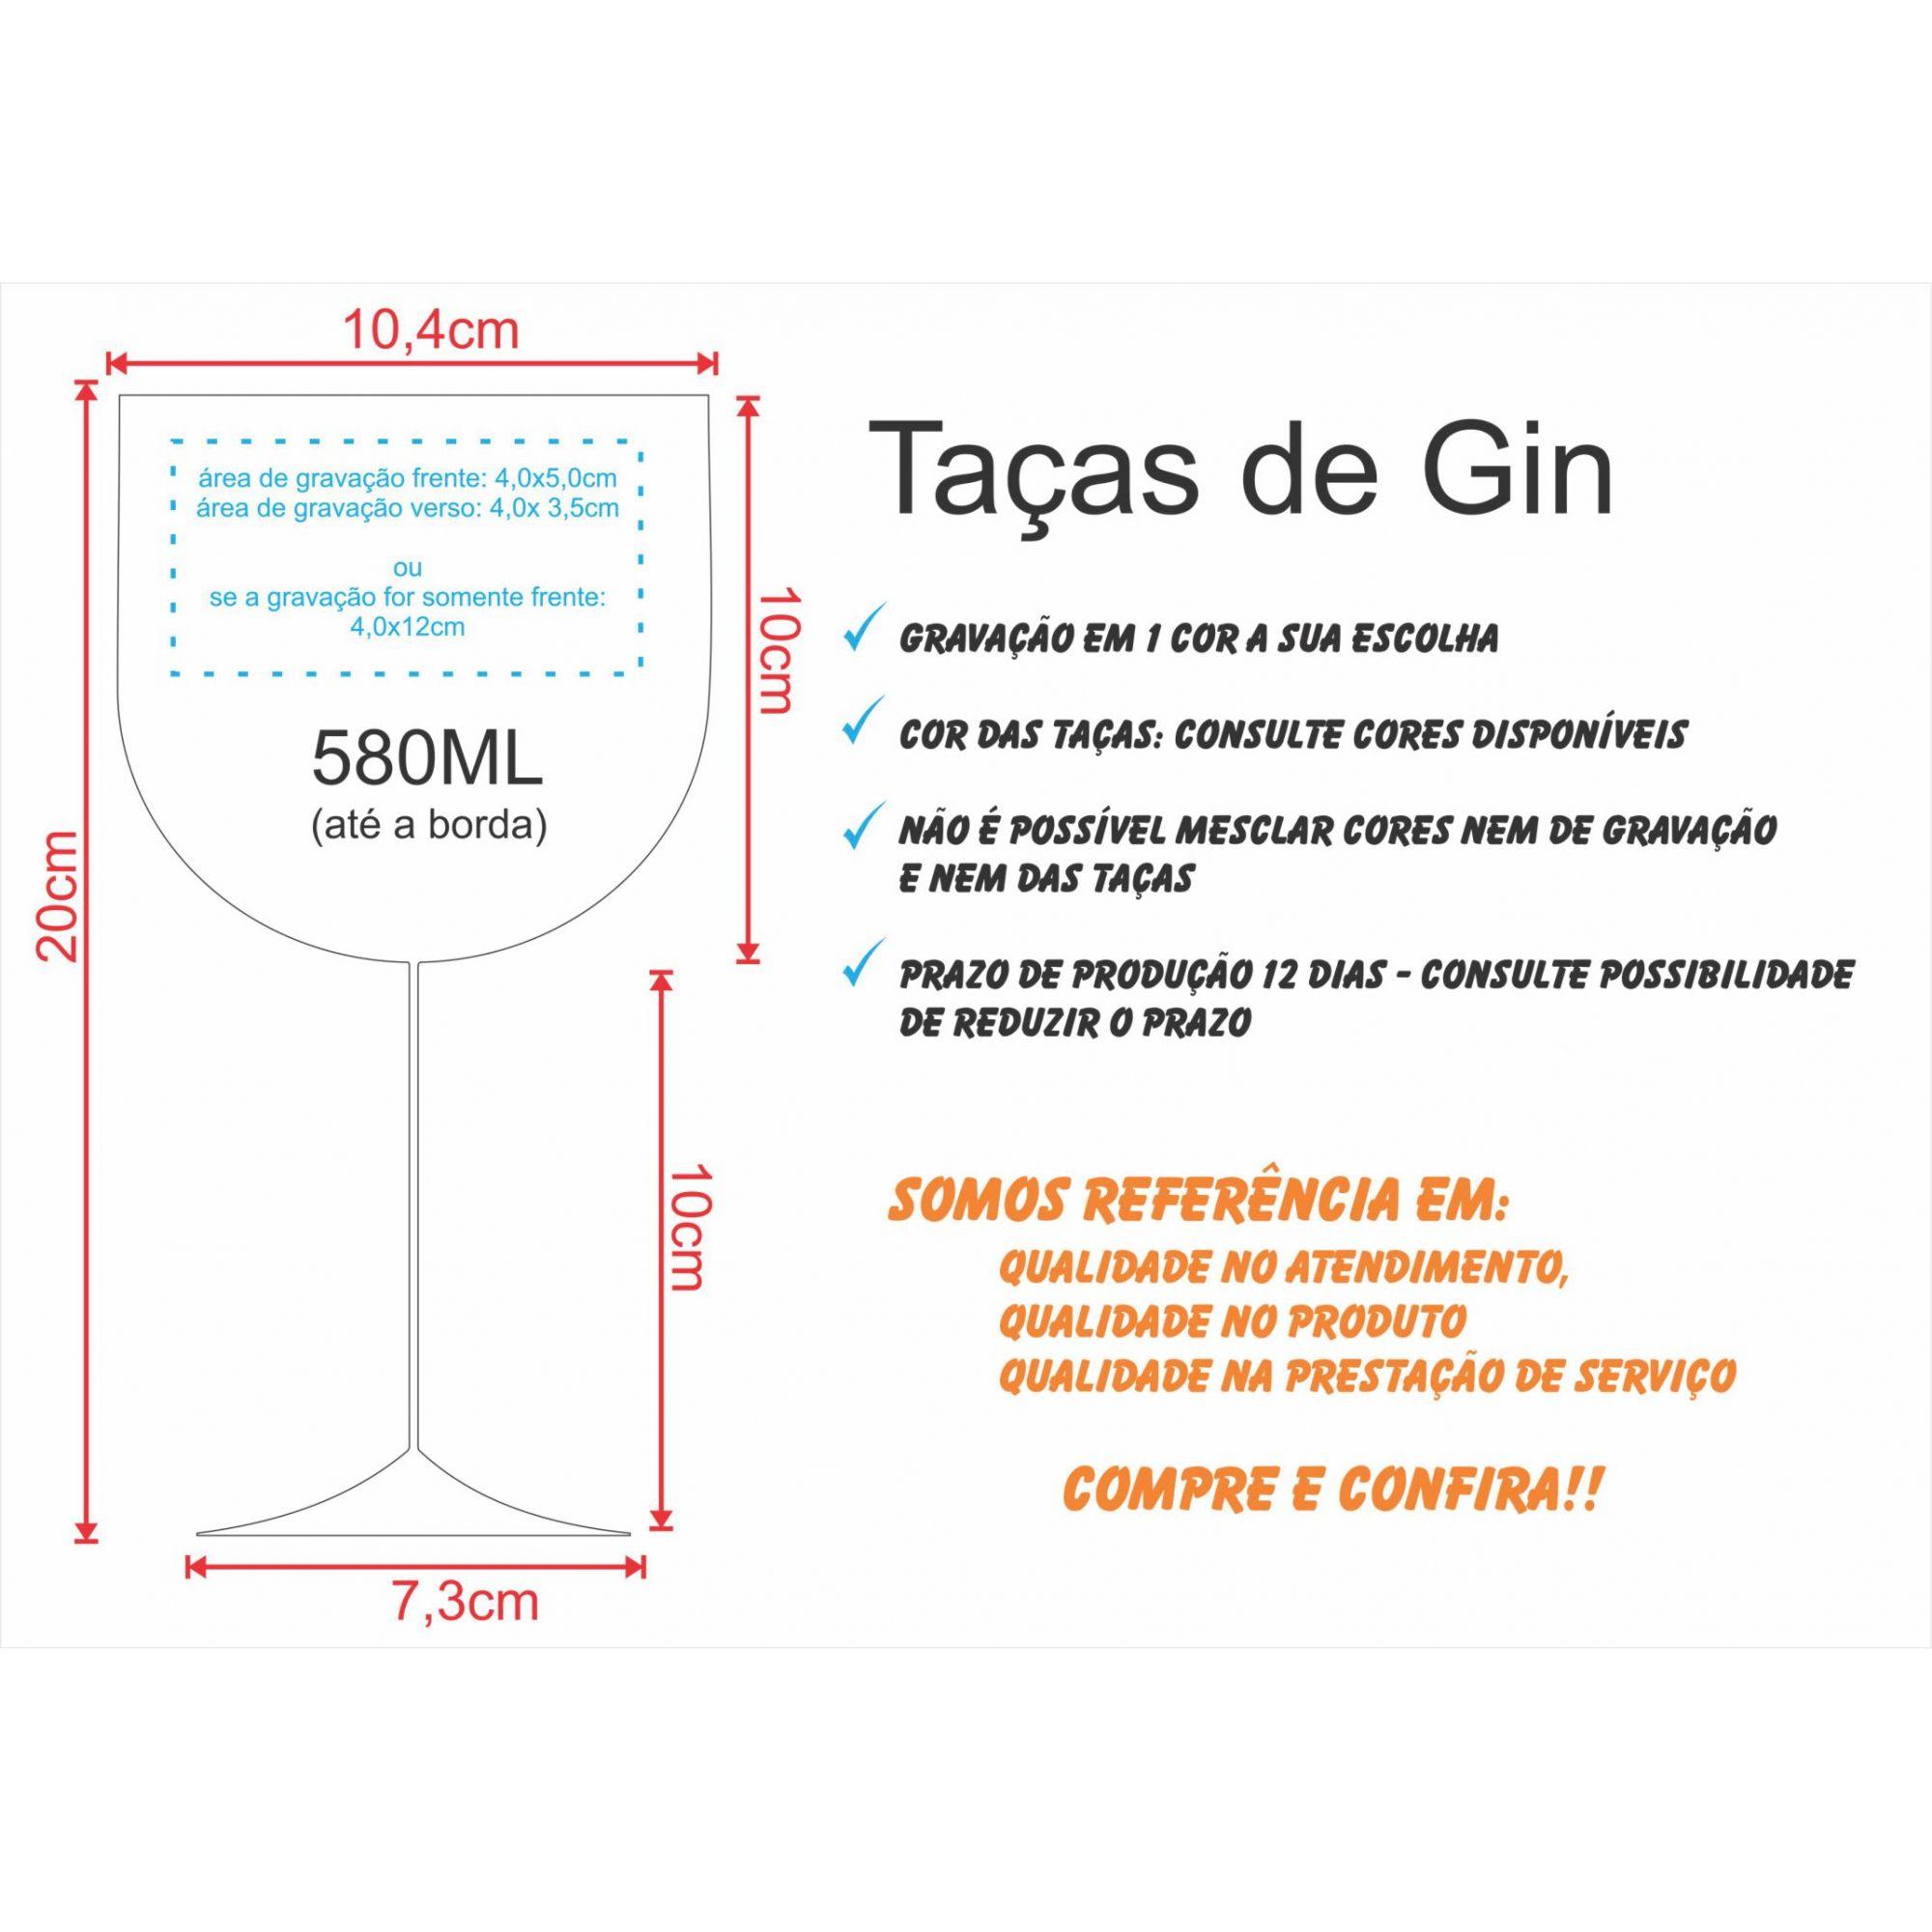 Taça Gin acrílico 580ml  personalizada - 50 unidades FRETE GRÁTIS OU COM DESCONTO!!  - Persona Guardanapos & Cia